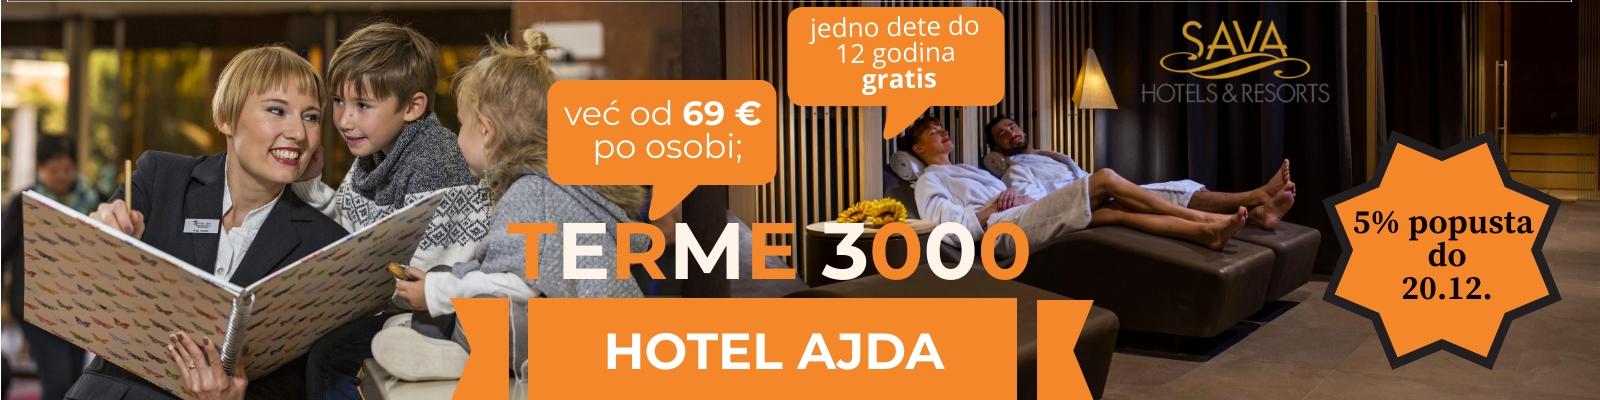 Mobile g HOTEL AJDA